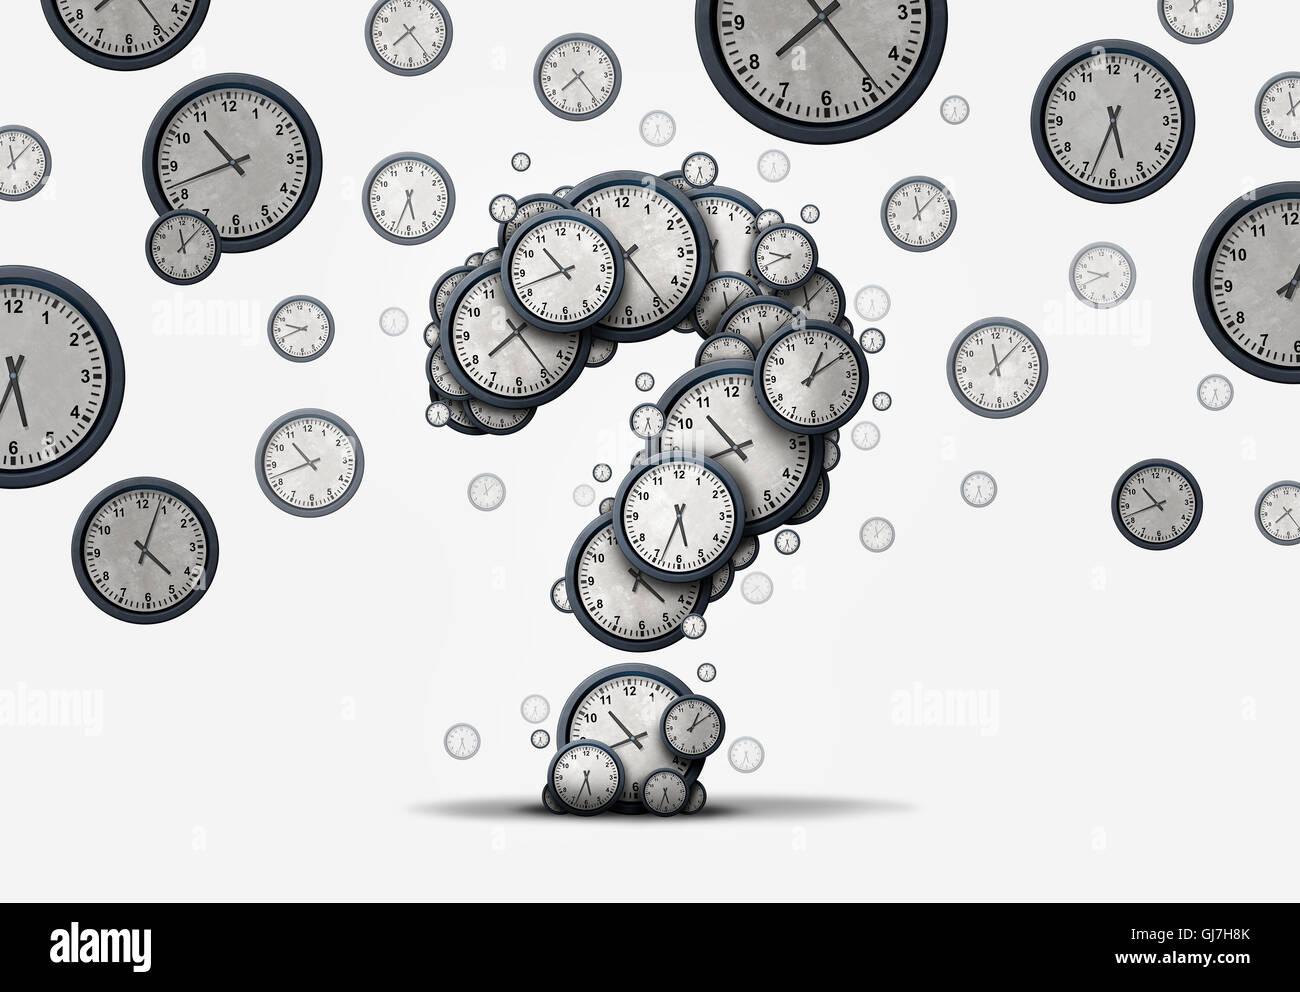 Zeit-Fragen-Konzept als eine Gruppe von schwimmenden Uhren und Zeitmesser, geformt wie ein Fragezeichen als Metapher Stockfoto